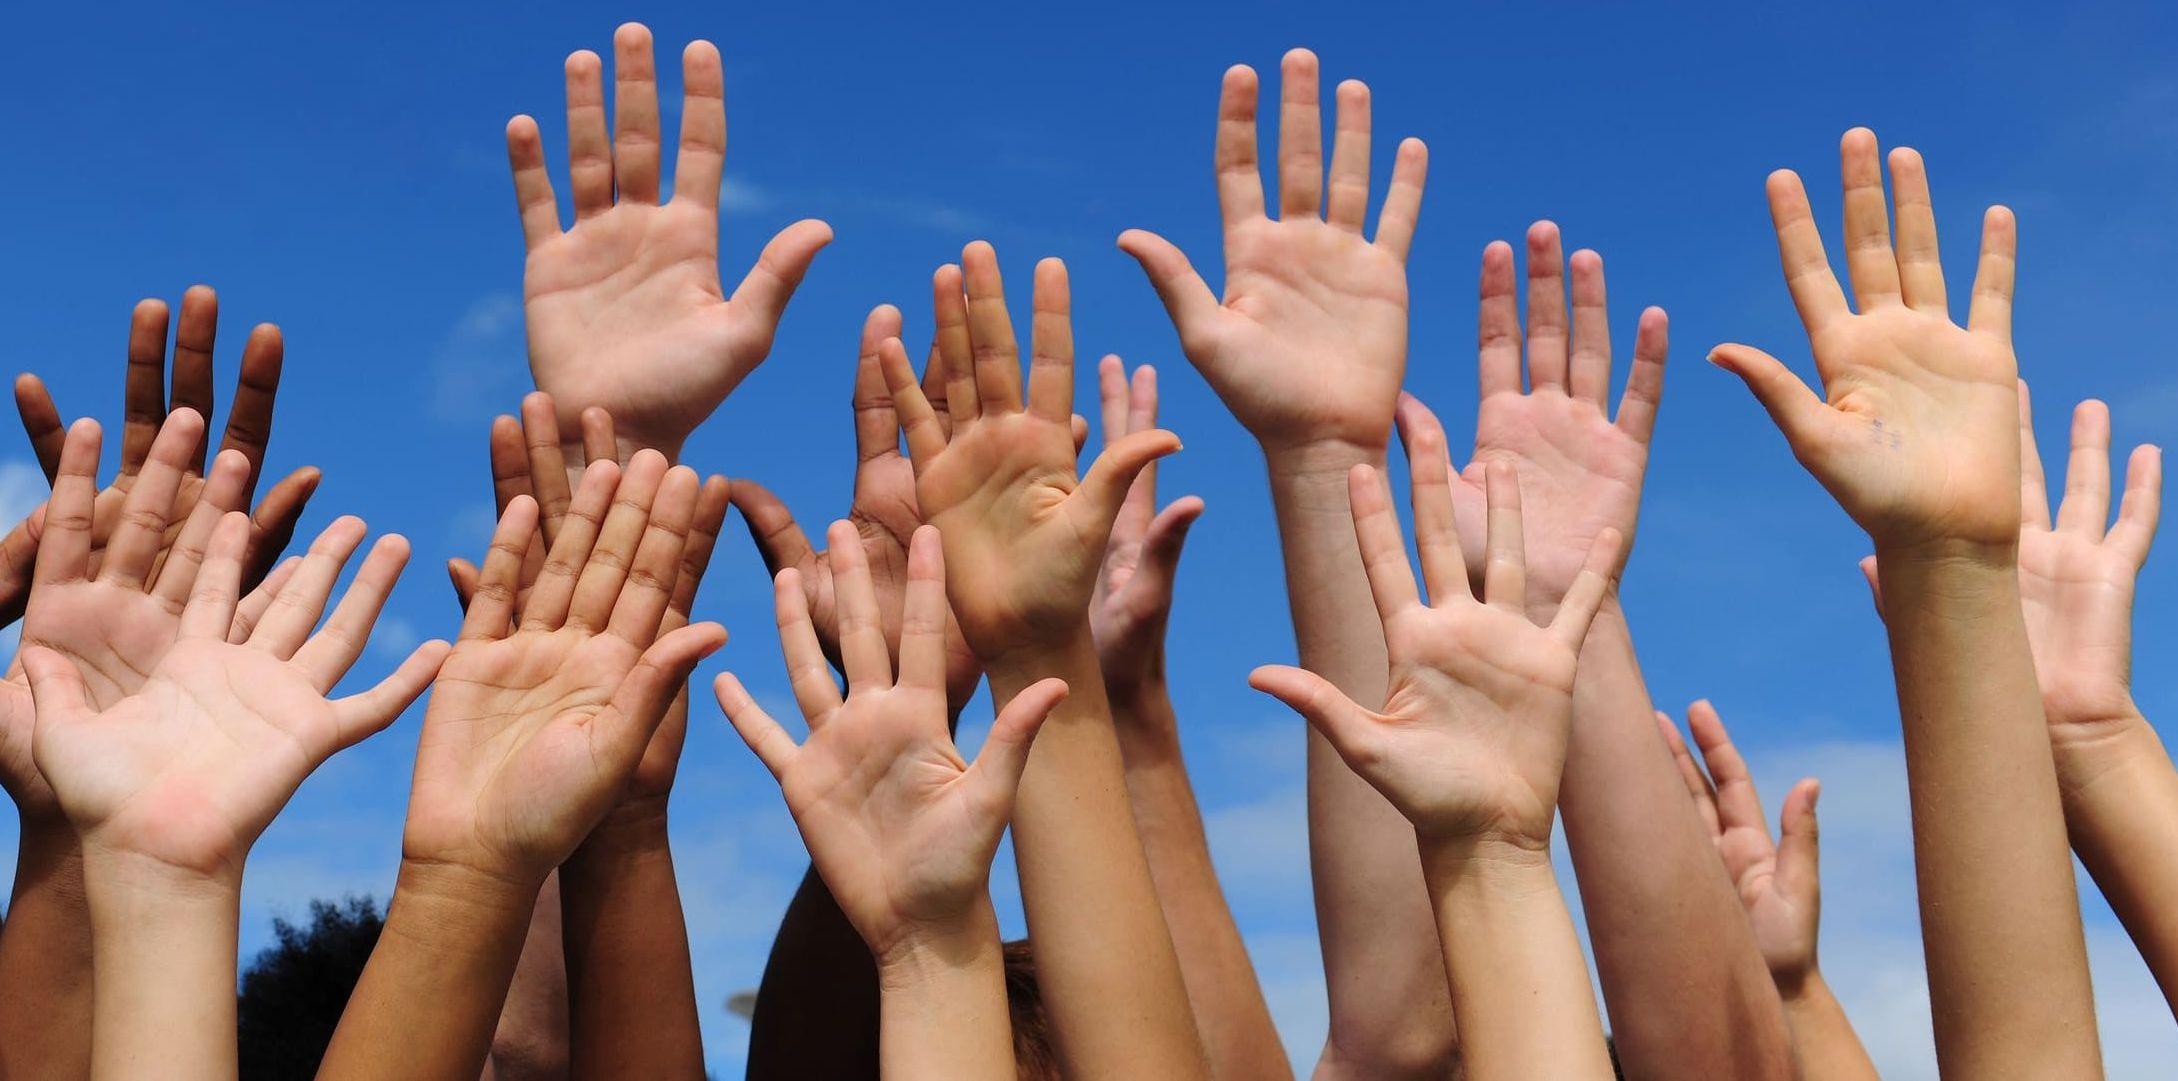 DEVA: Se caută voluntari pentru sprijinul persoanelor vârstnice care beneficiază de servicii de îngrijiri personale la domiciliu